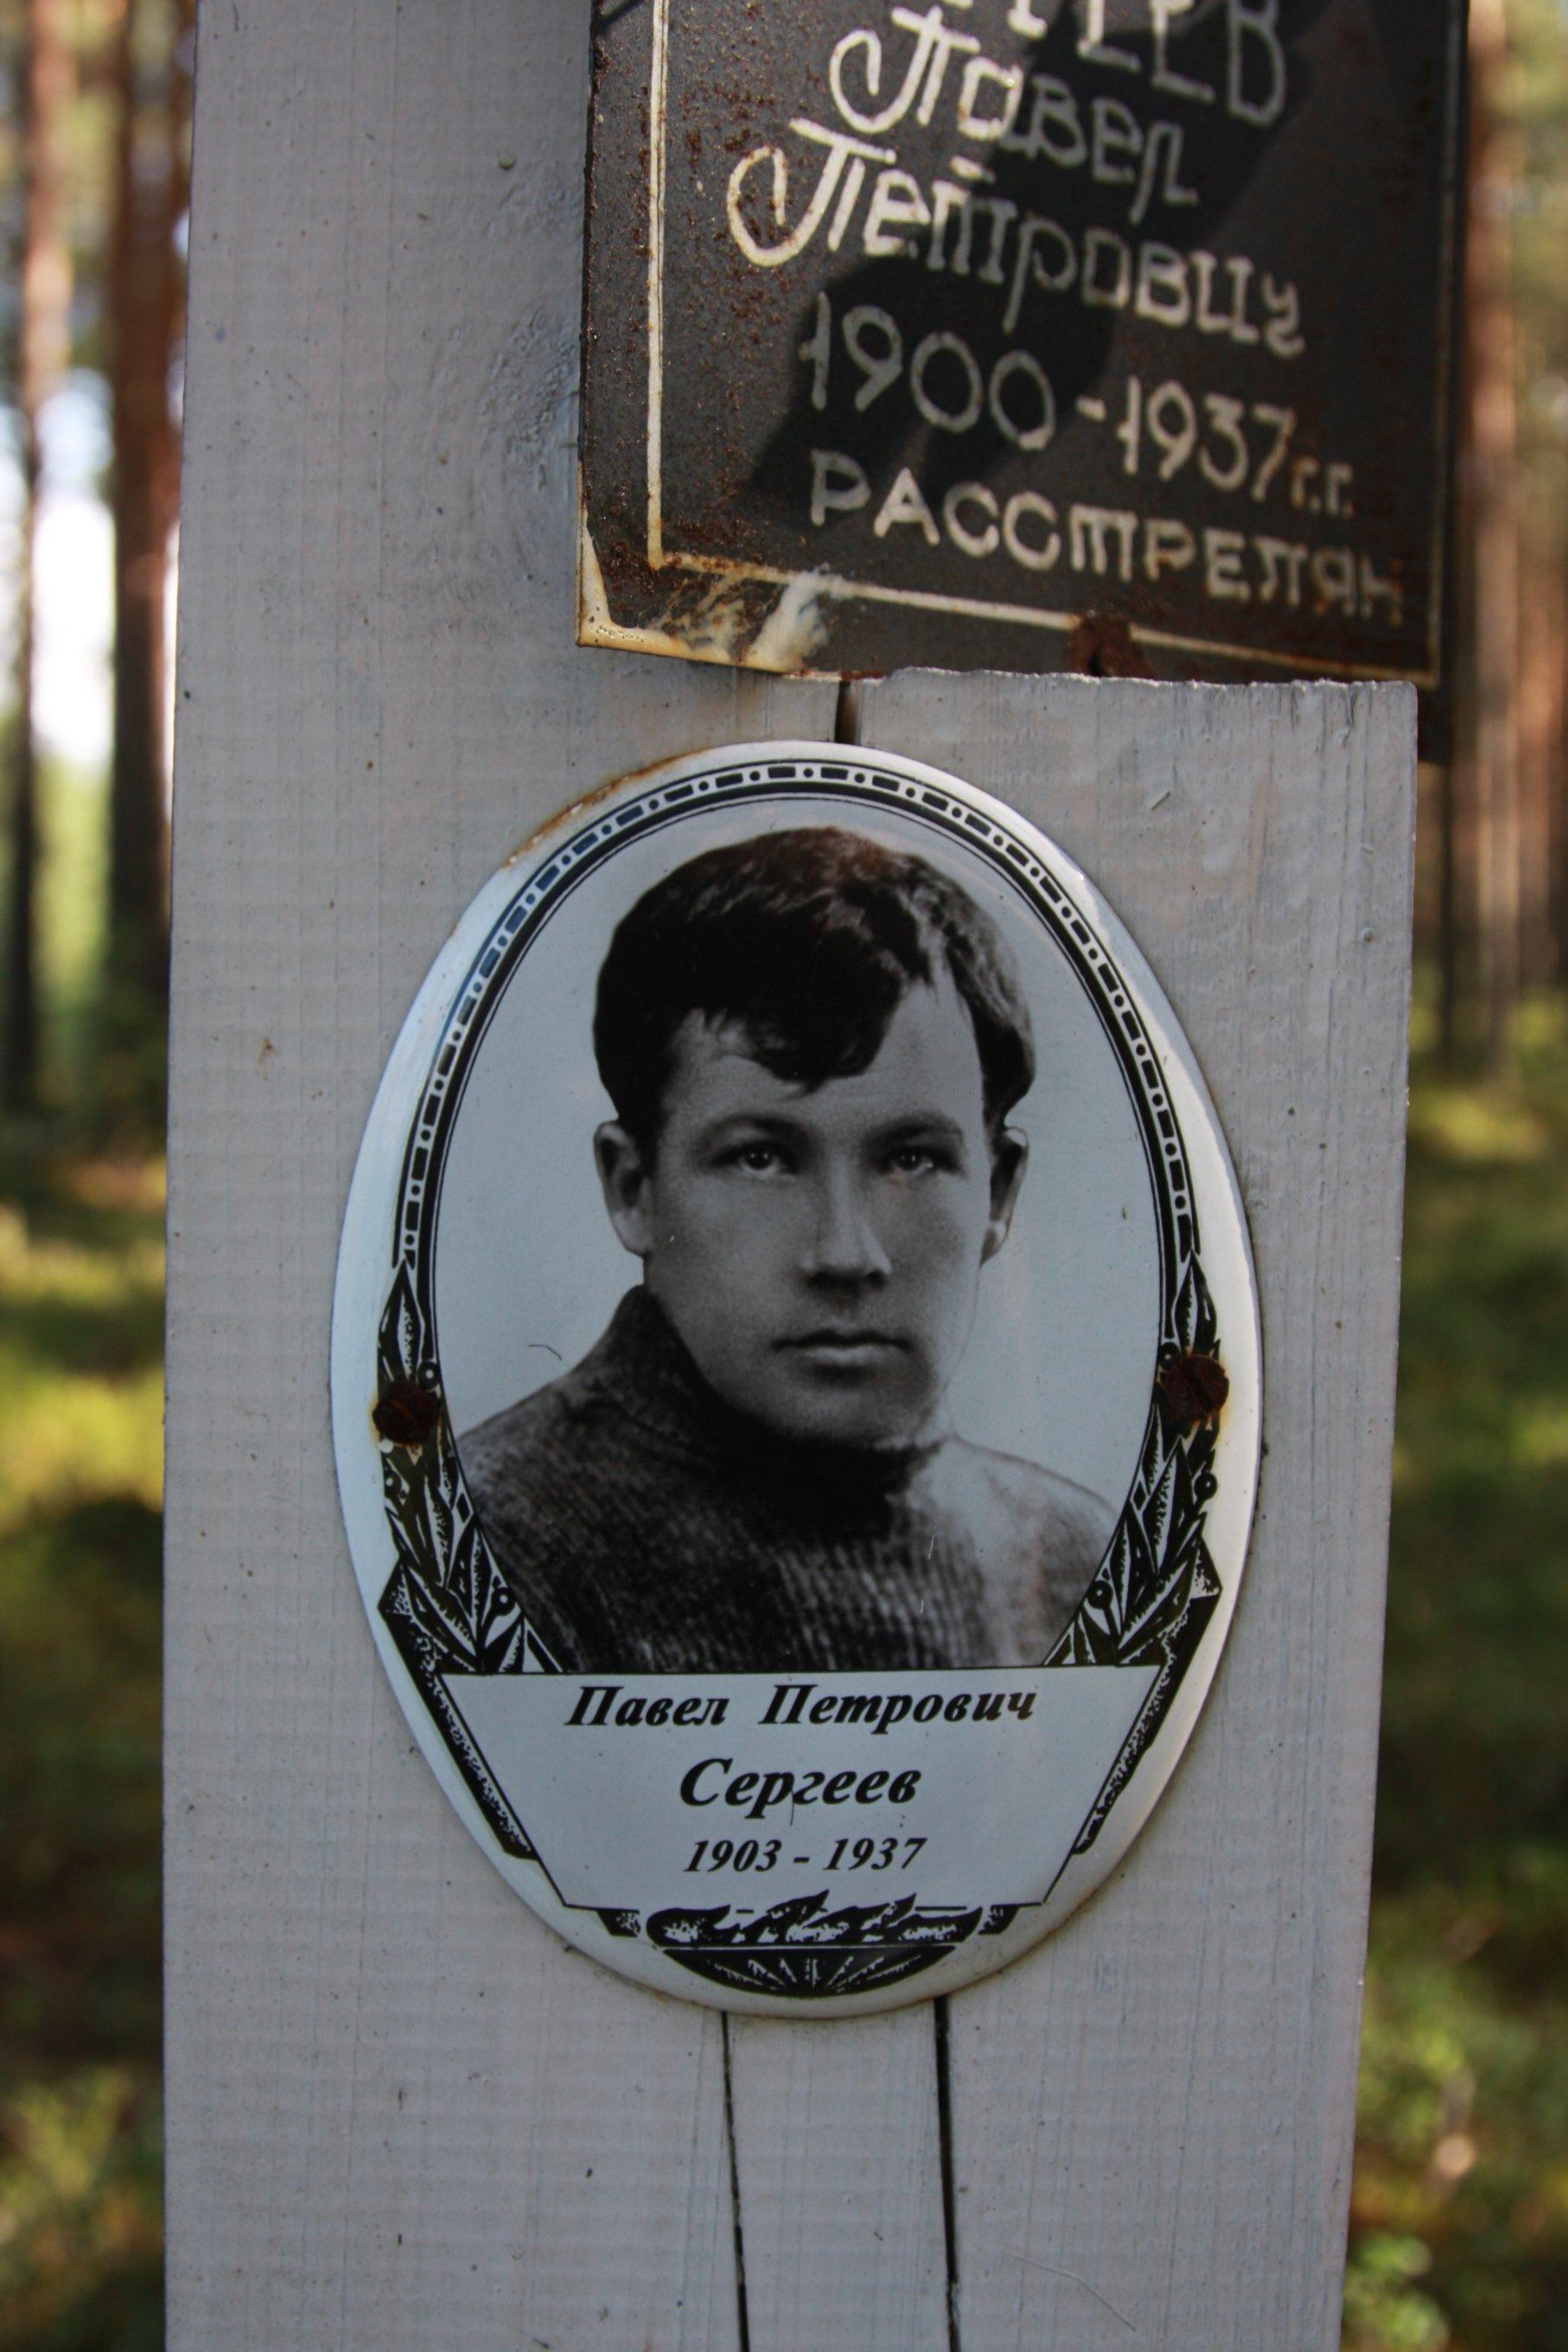 Памятный знак «Павел Петрович Сергеев». Фото 04.08.2018.